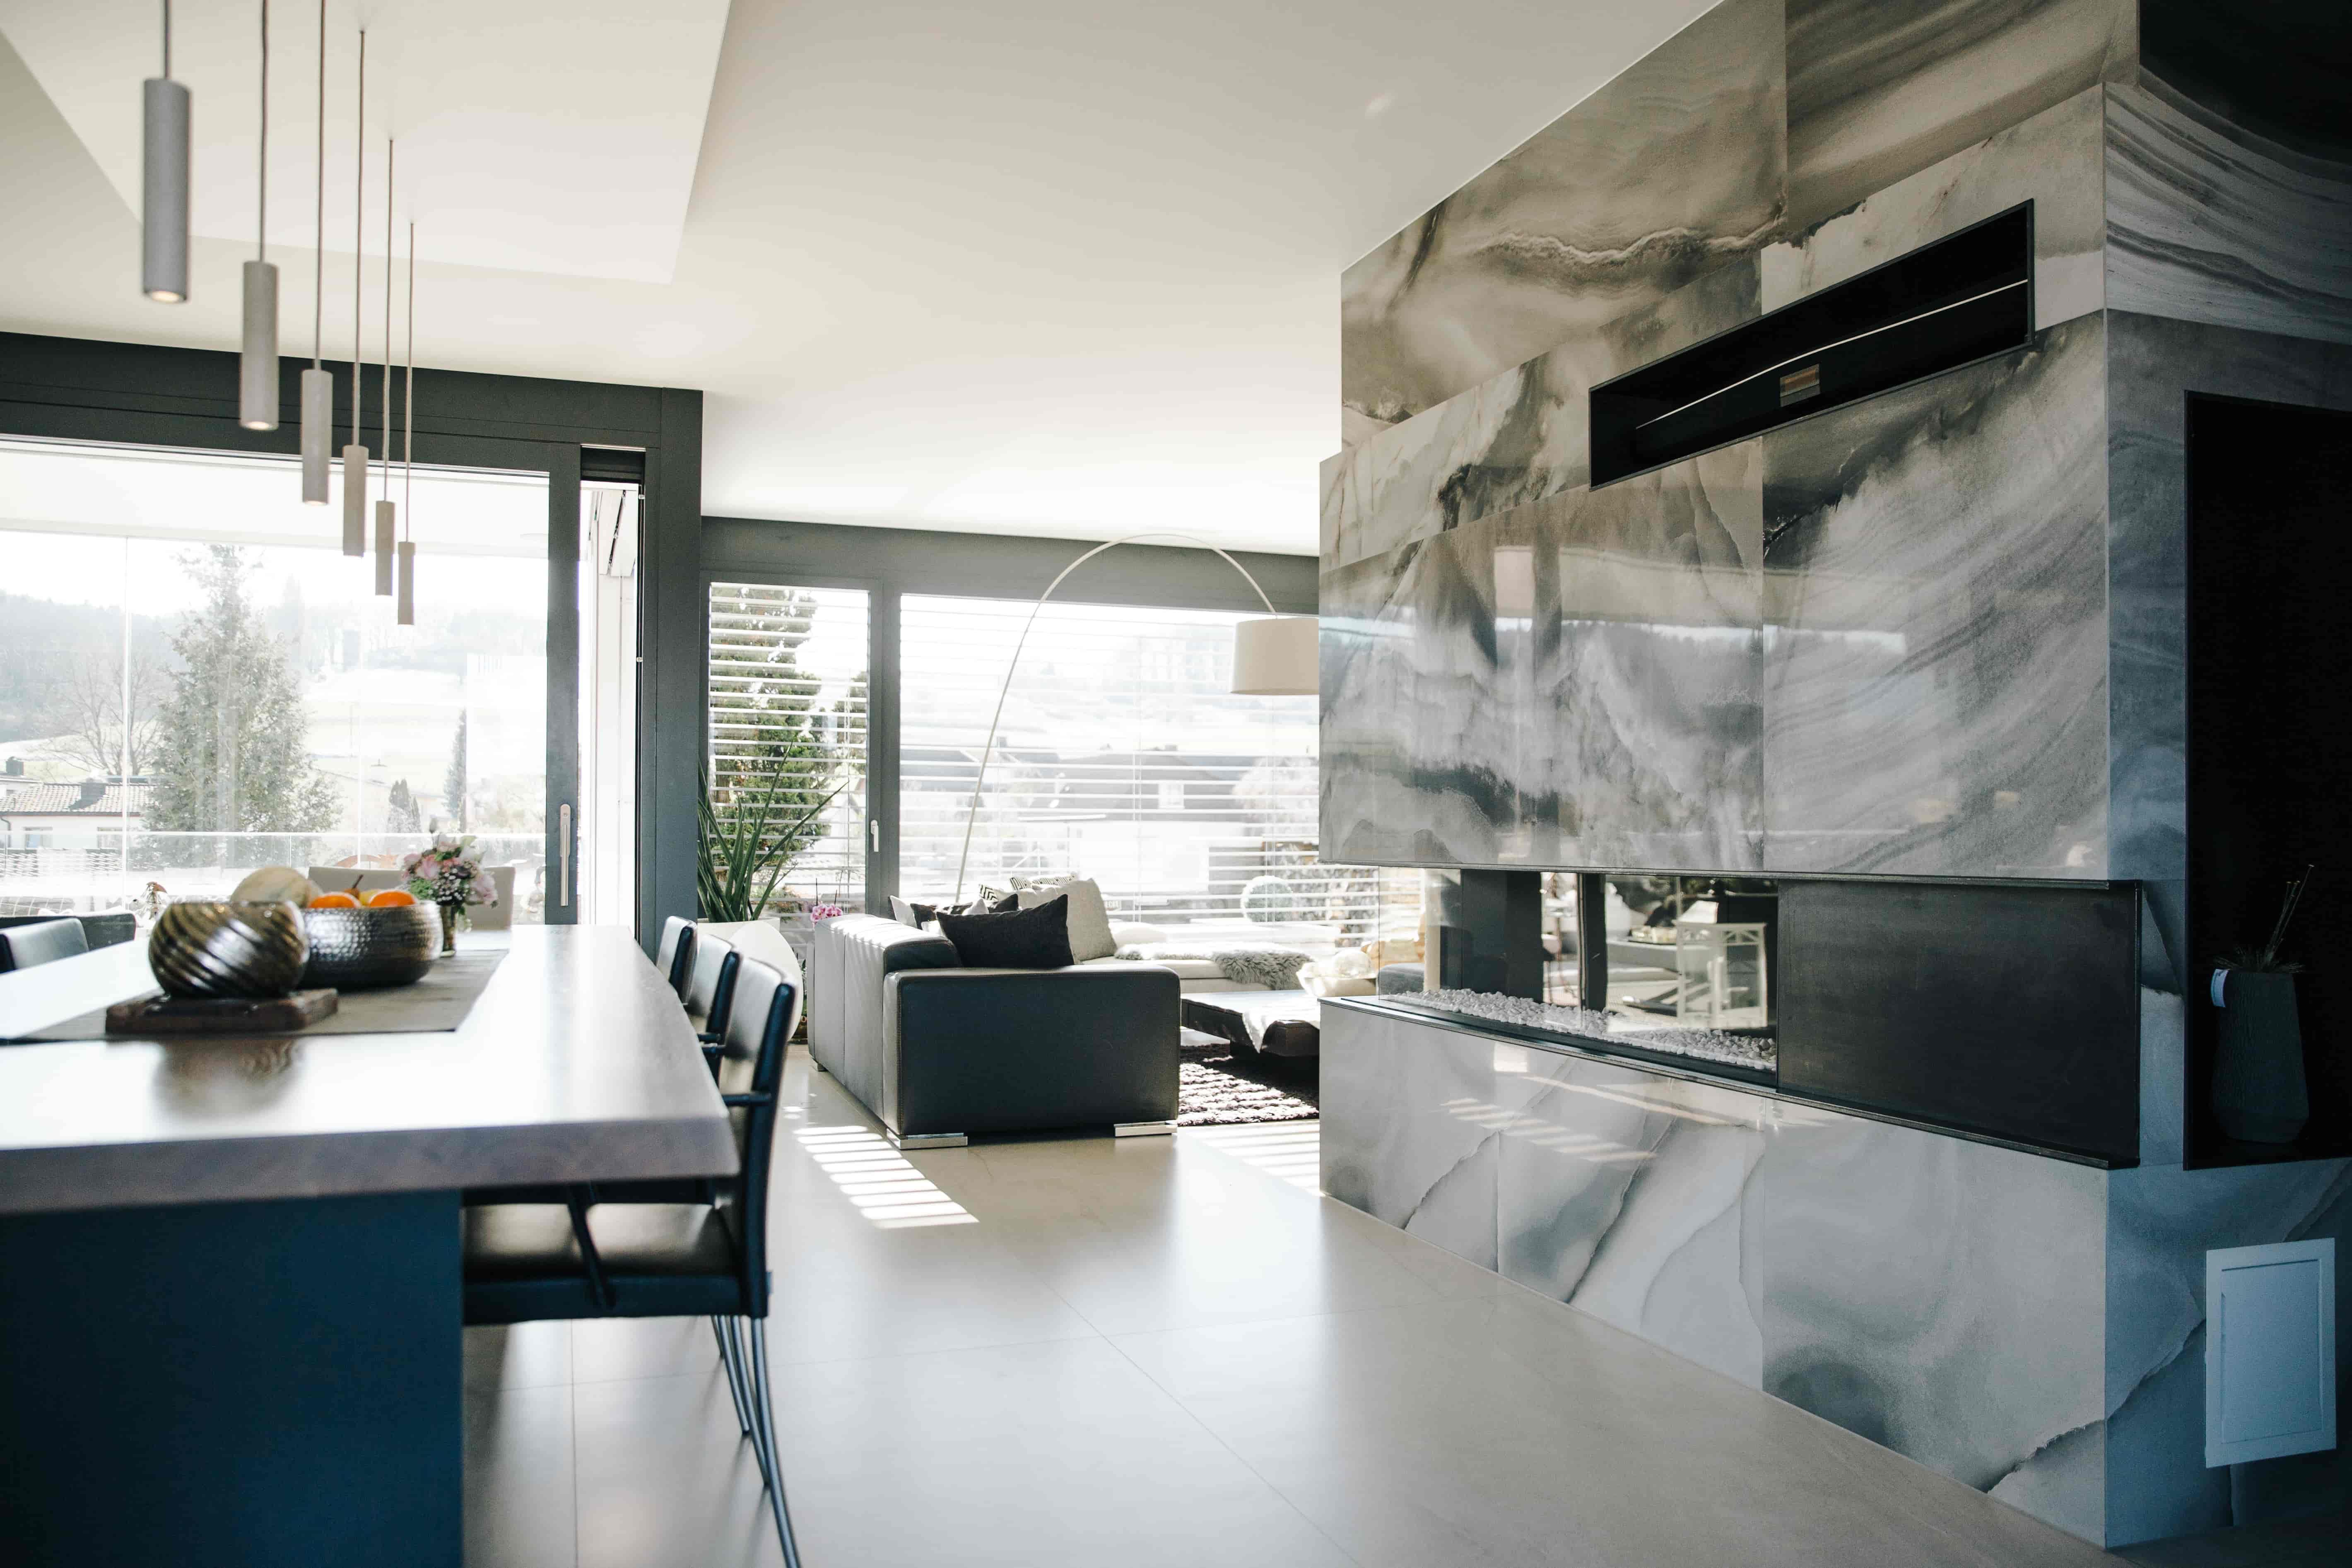 Wohnzimmer mit Keramik